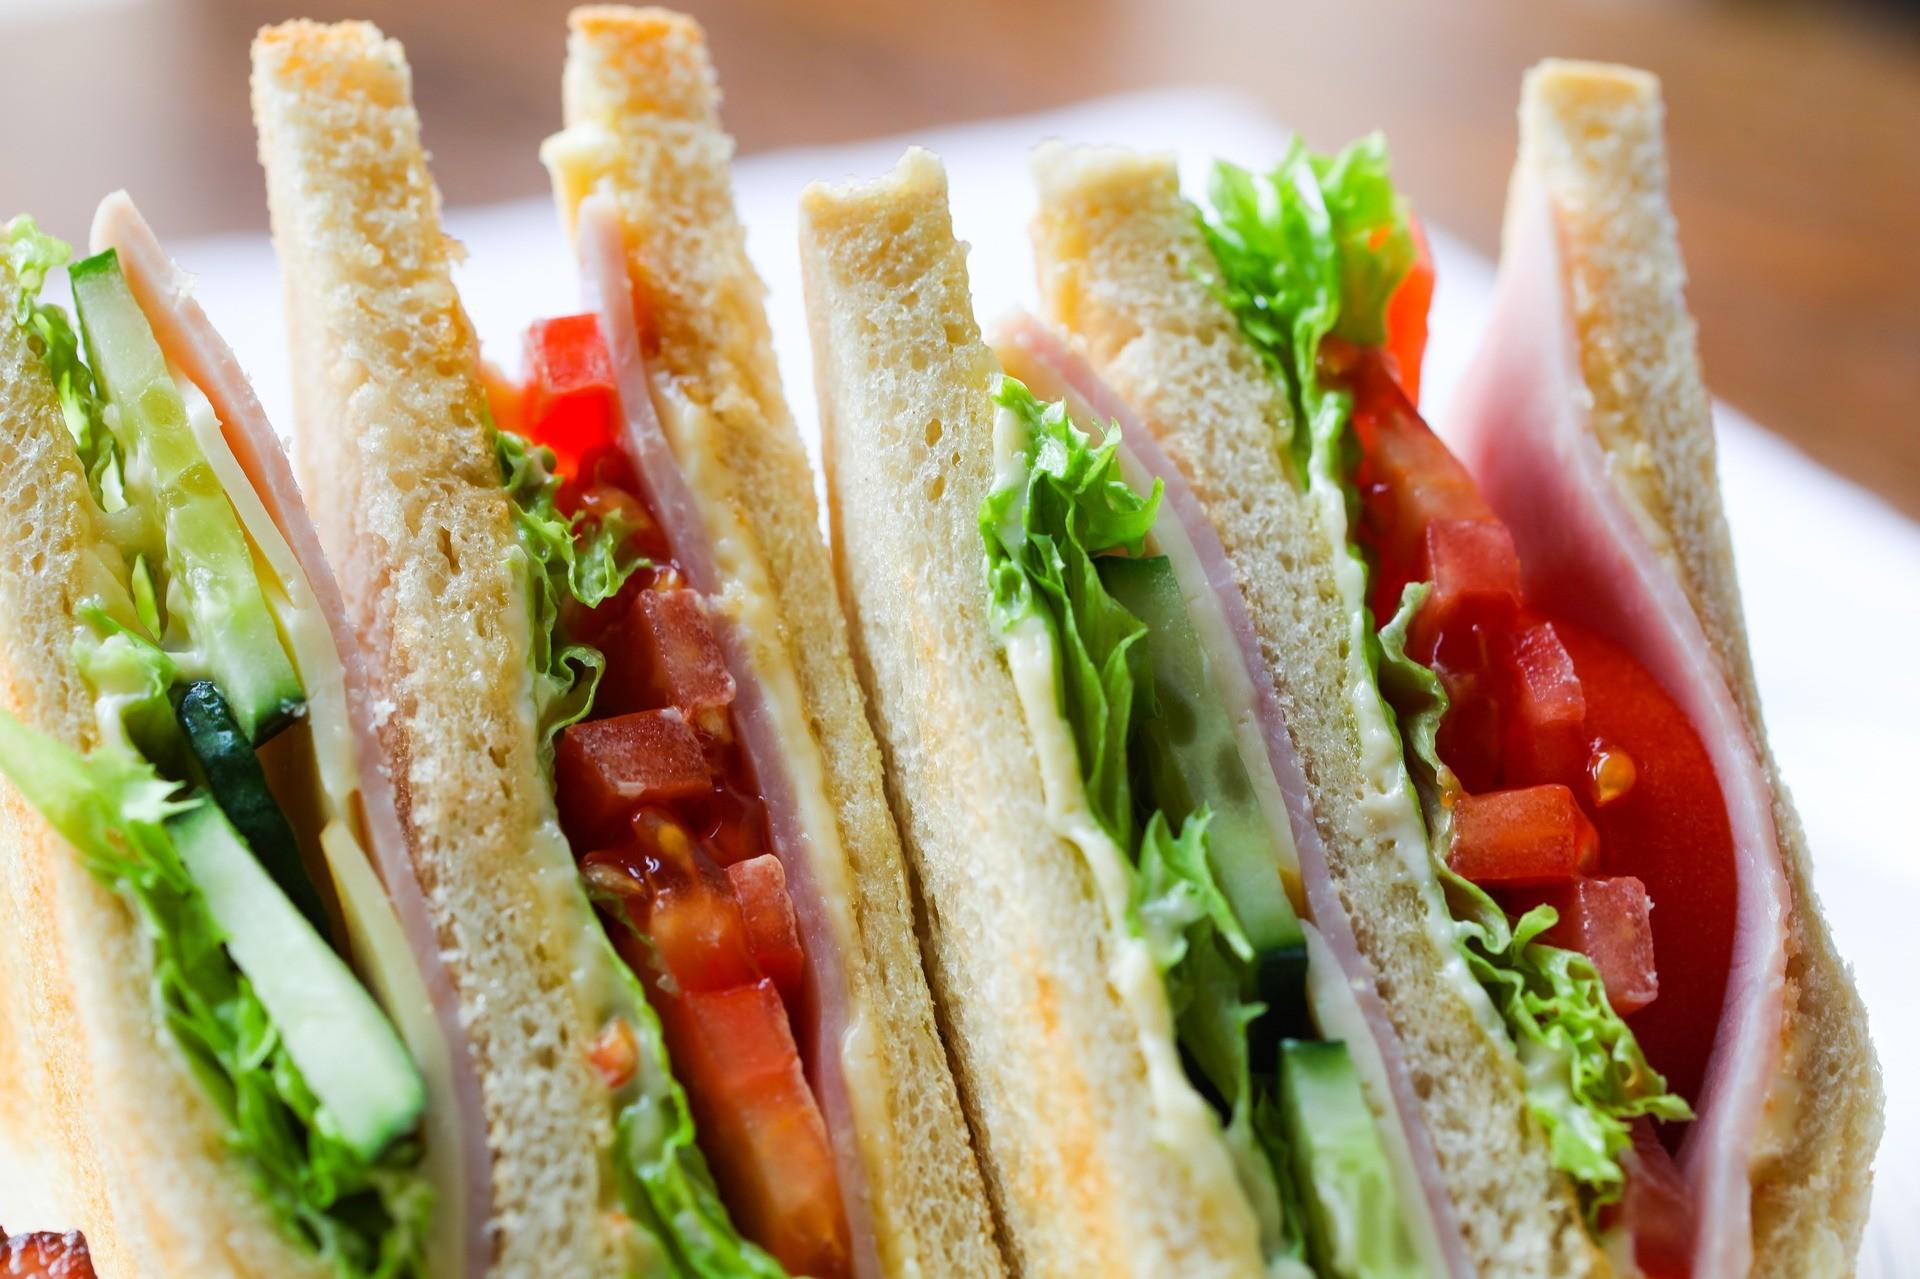 День сэндвича: 13 оригинальных рецептов на любой вкус